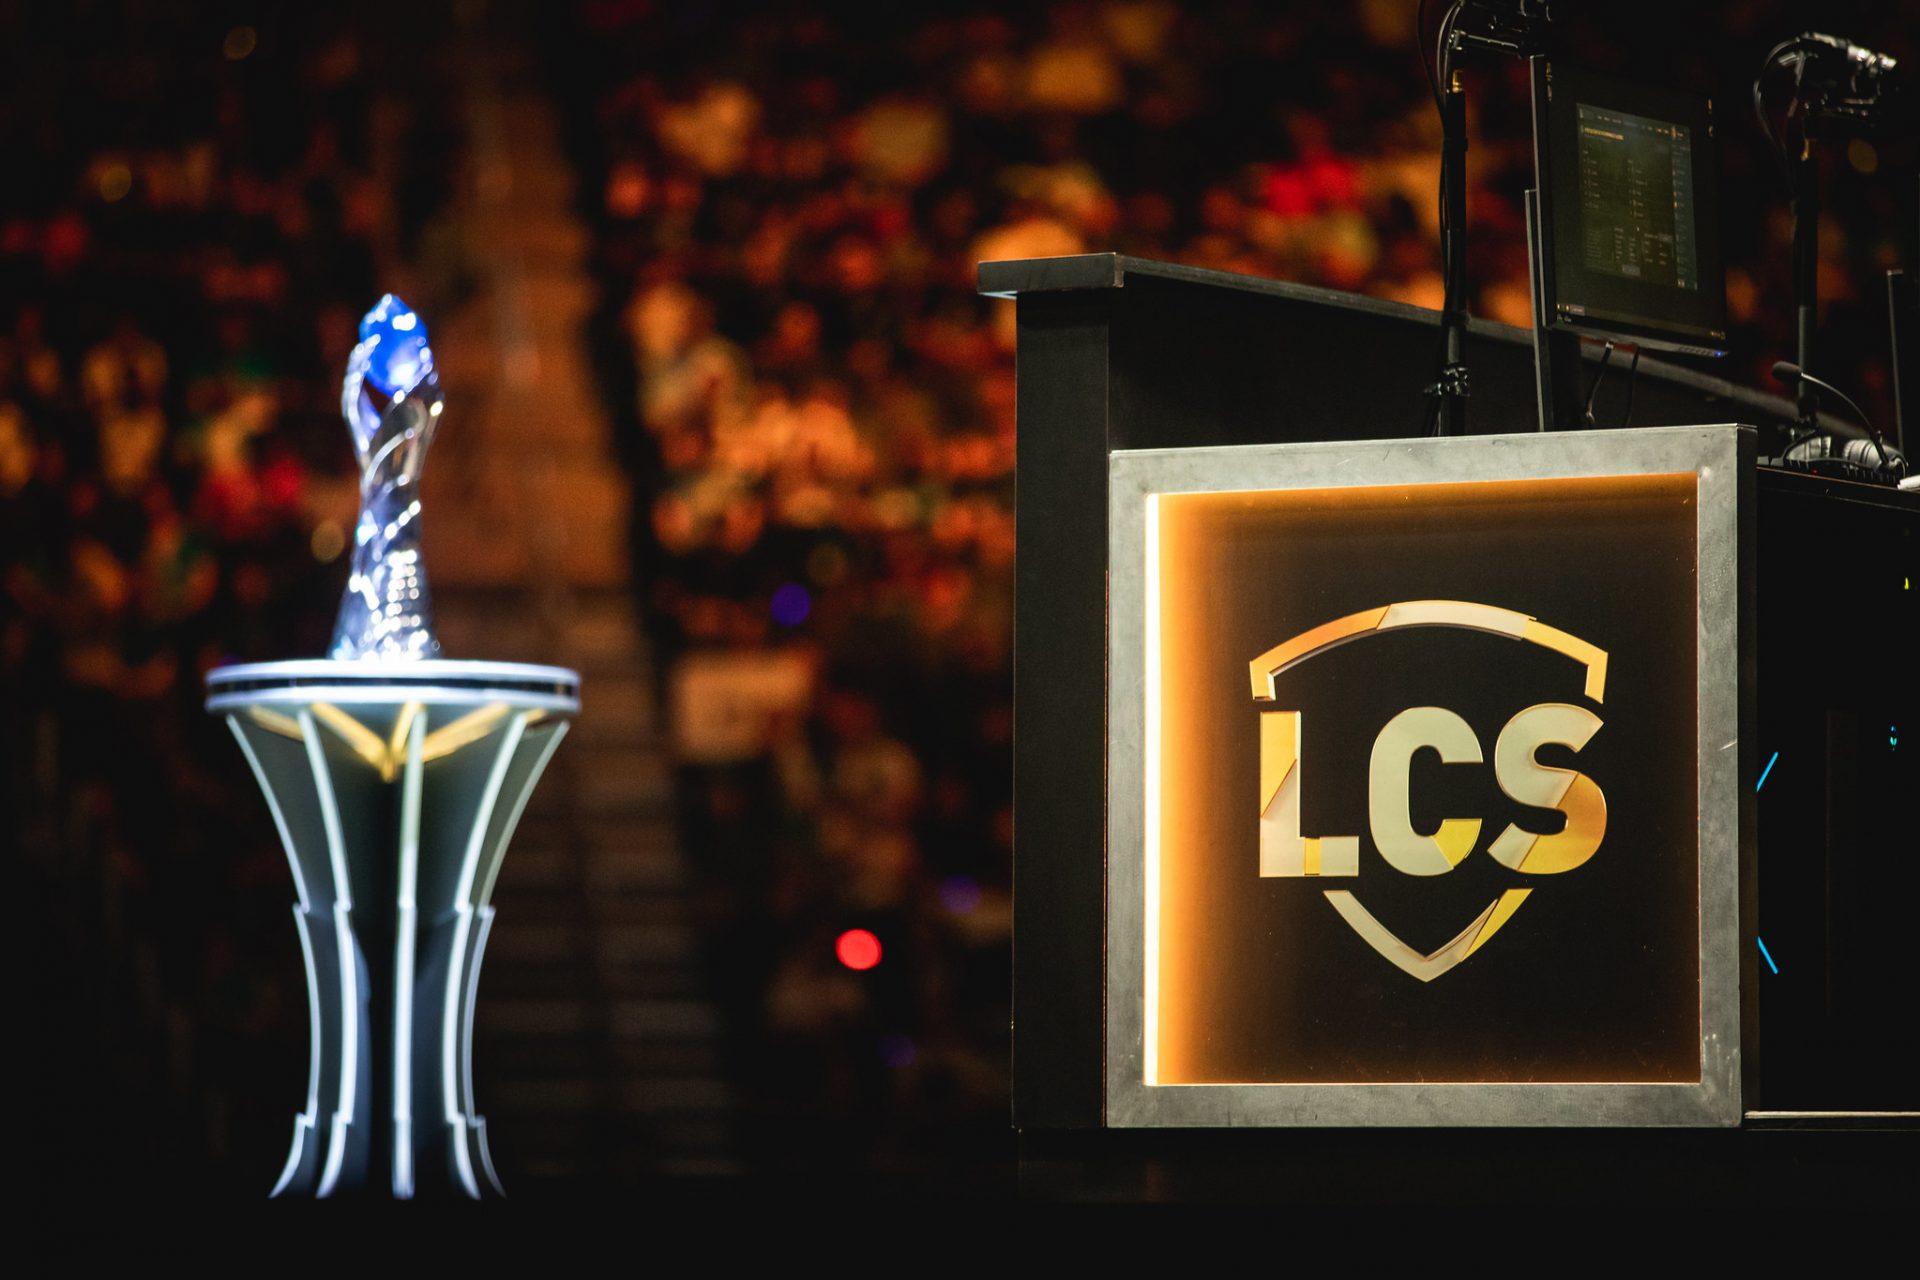 league-legends-lcs-sports